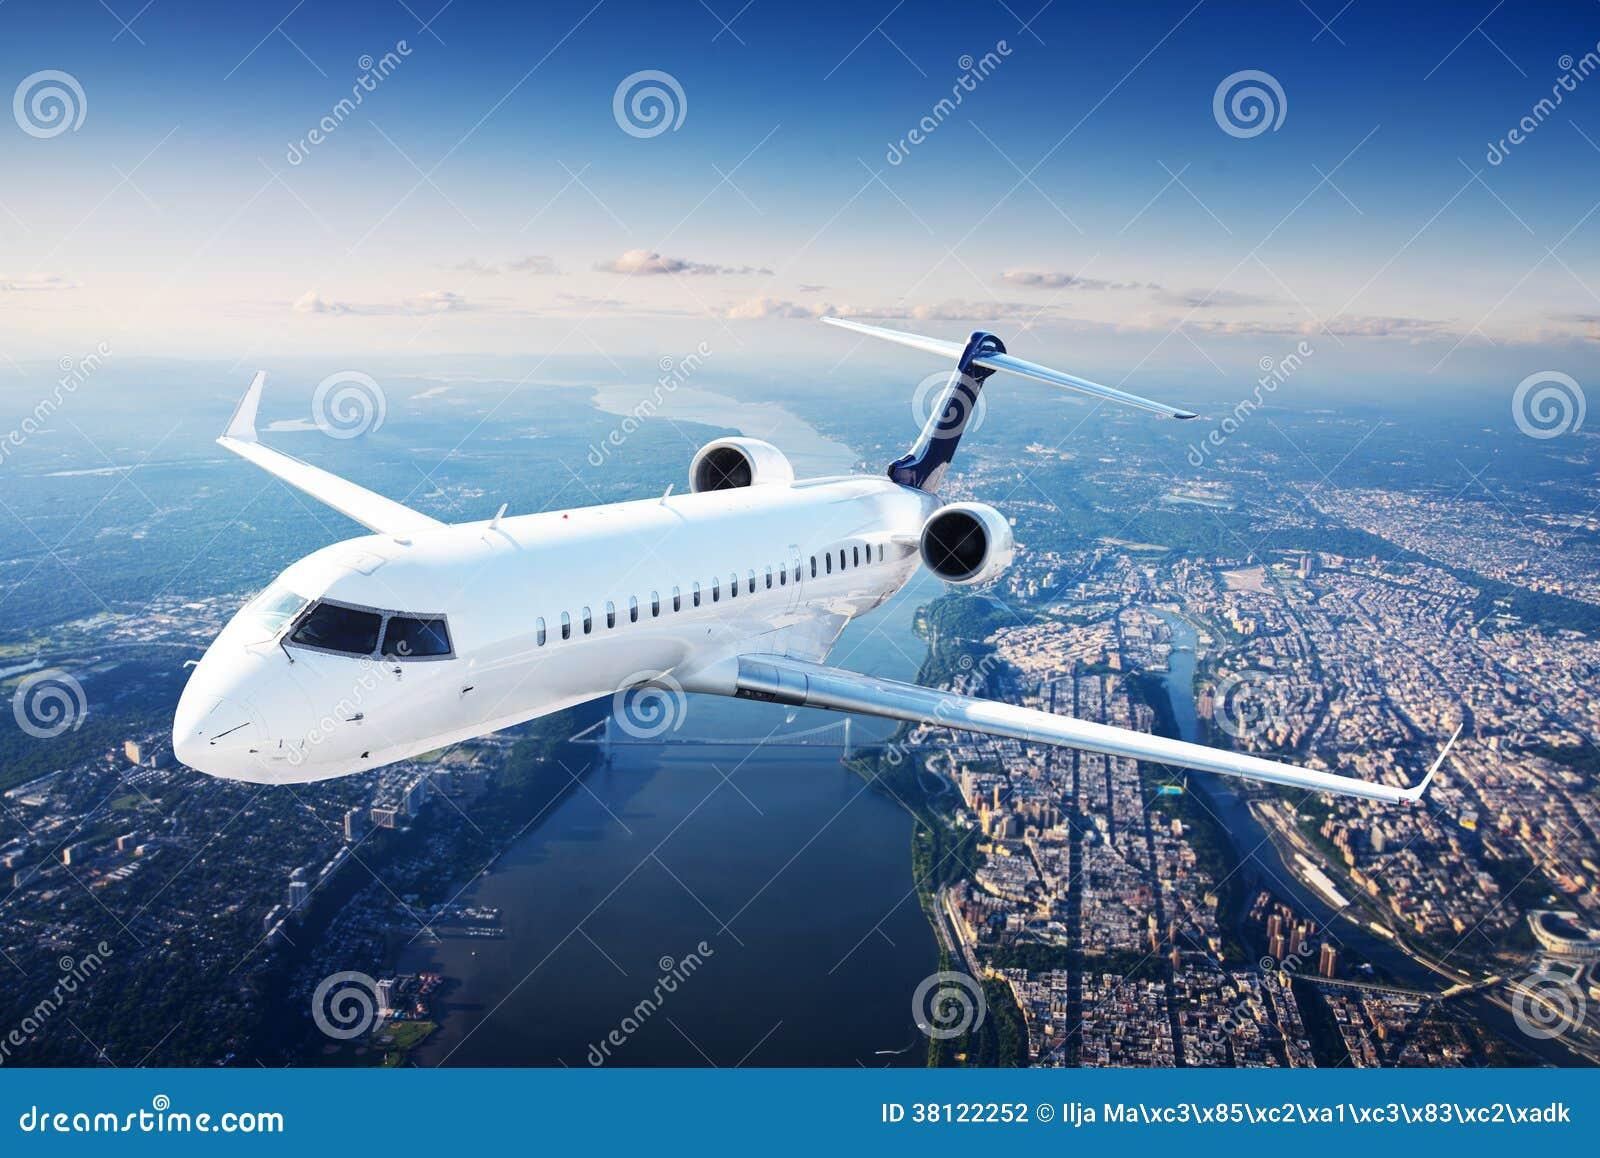 Avión de reacción privada en el cielo azul